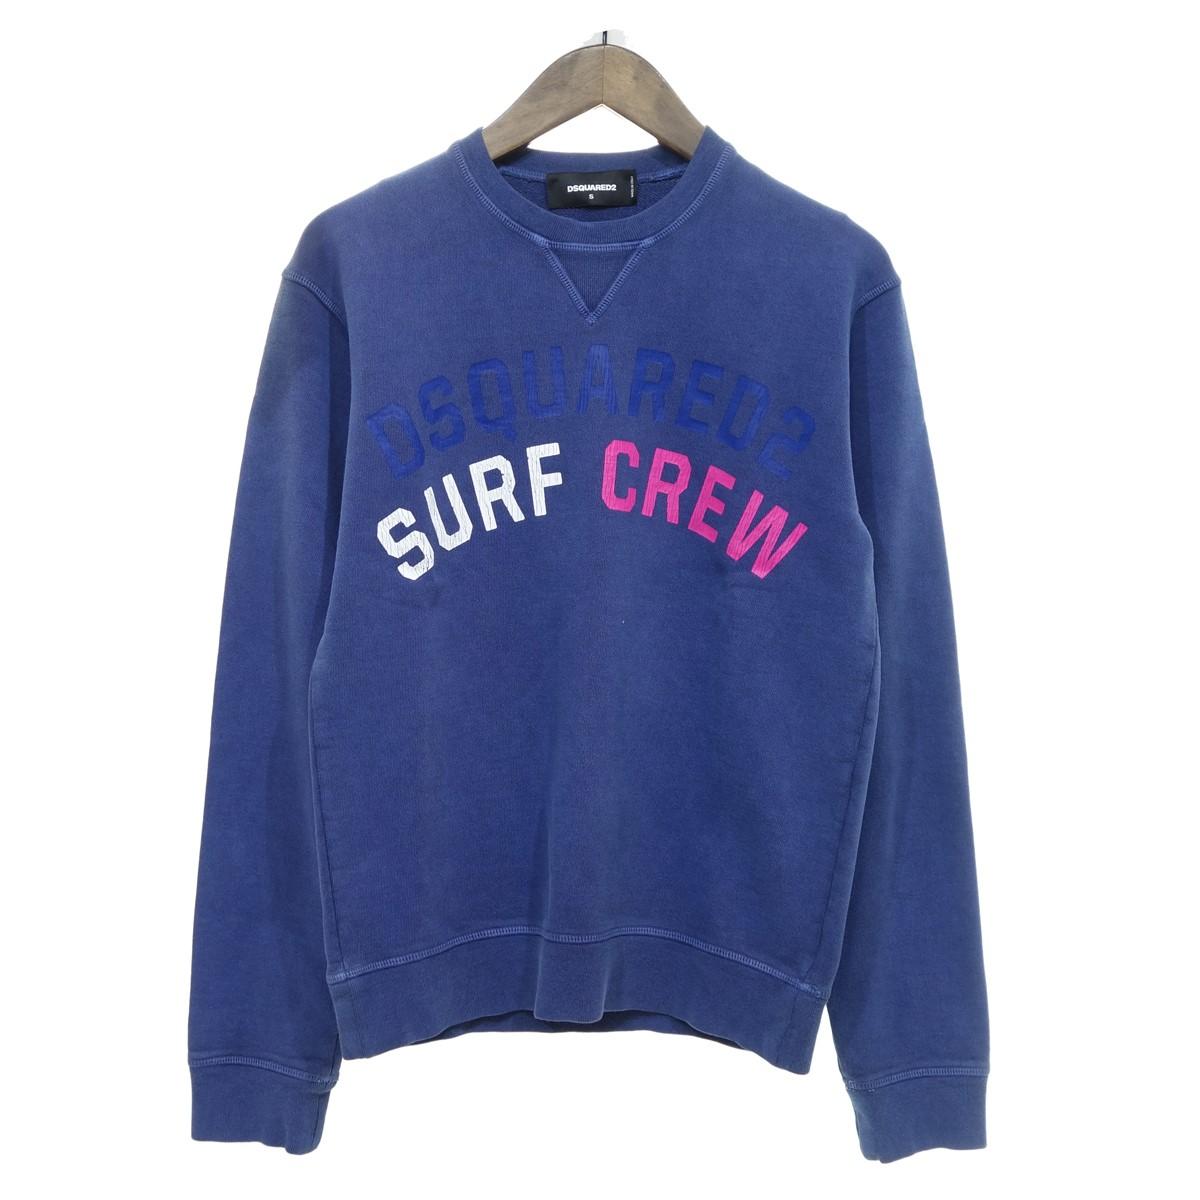 【中古】DSQUARED2 17SS SURF CREW プリントスウェット ネイビー サイズ:S 【270420】(ディースクエアード)